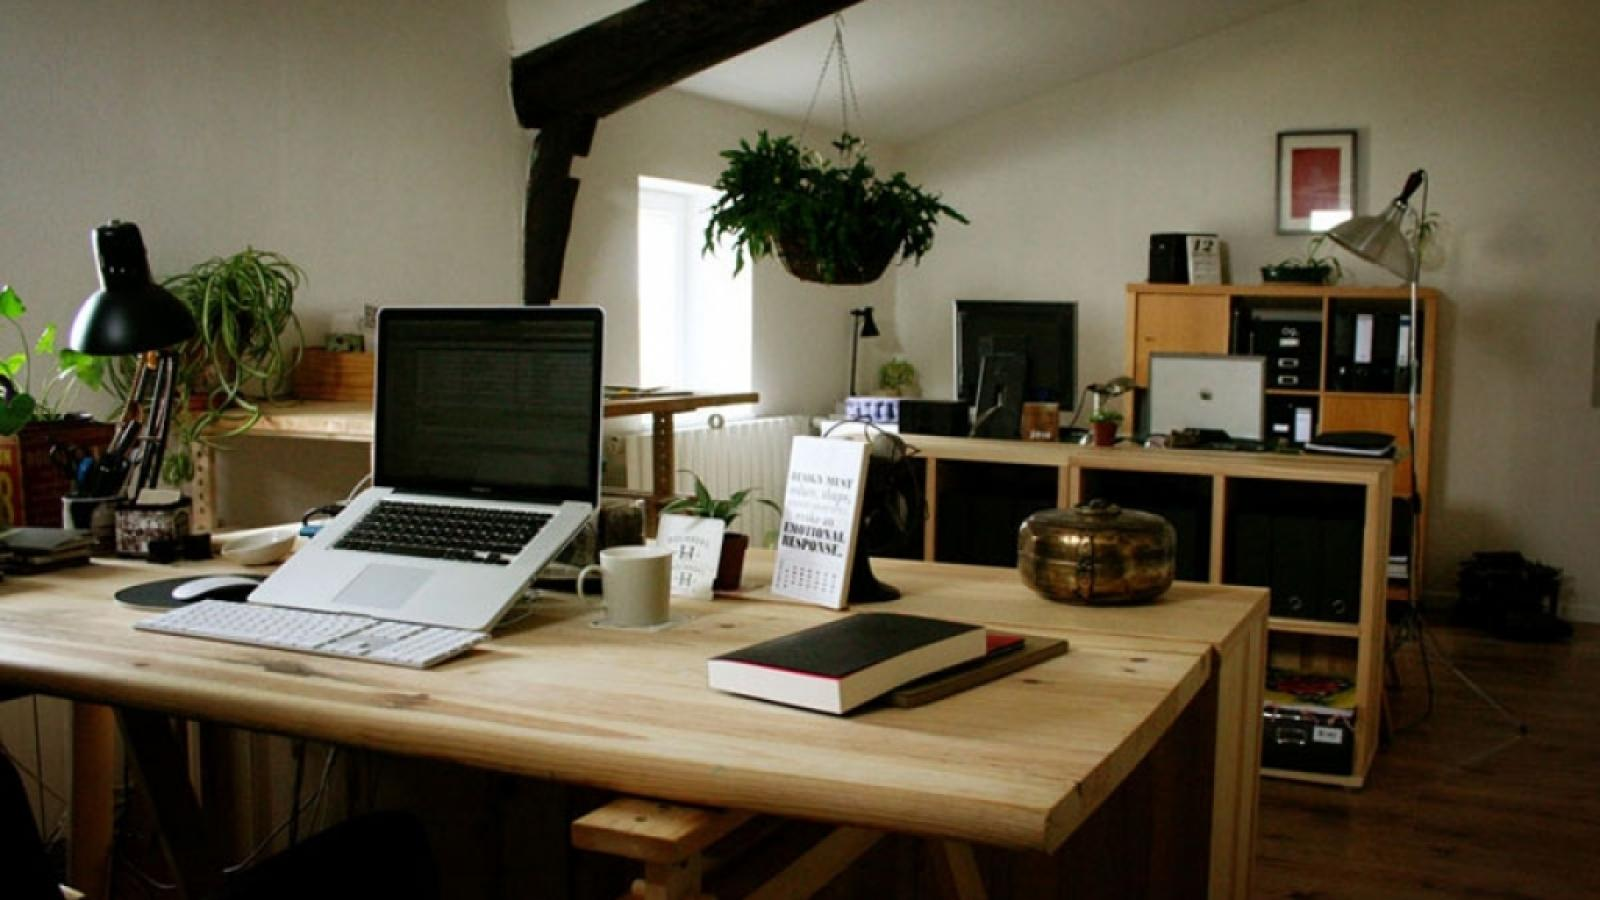 office ideas | Abduzeedo